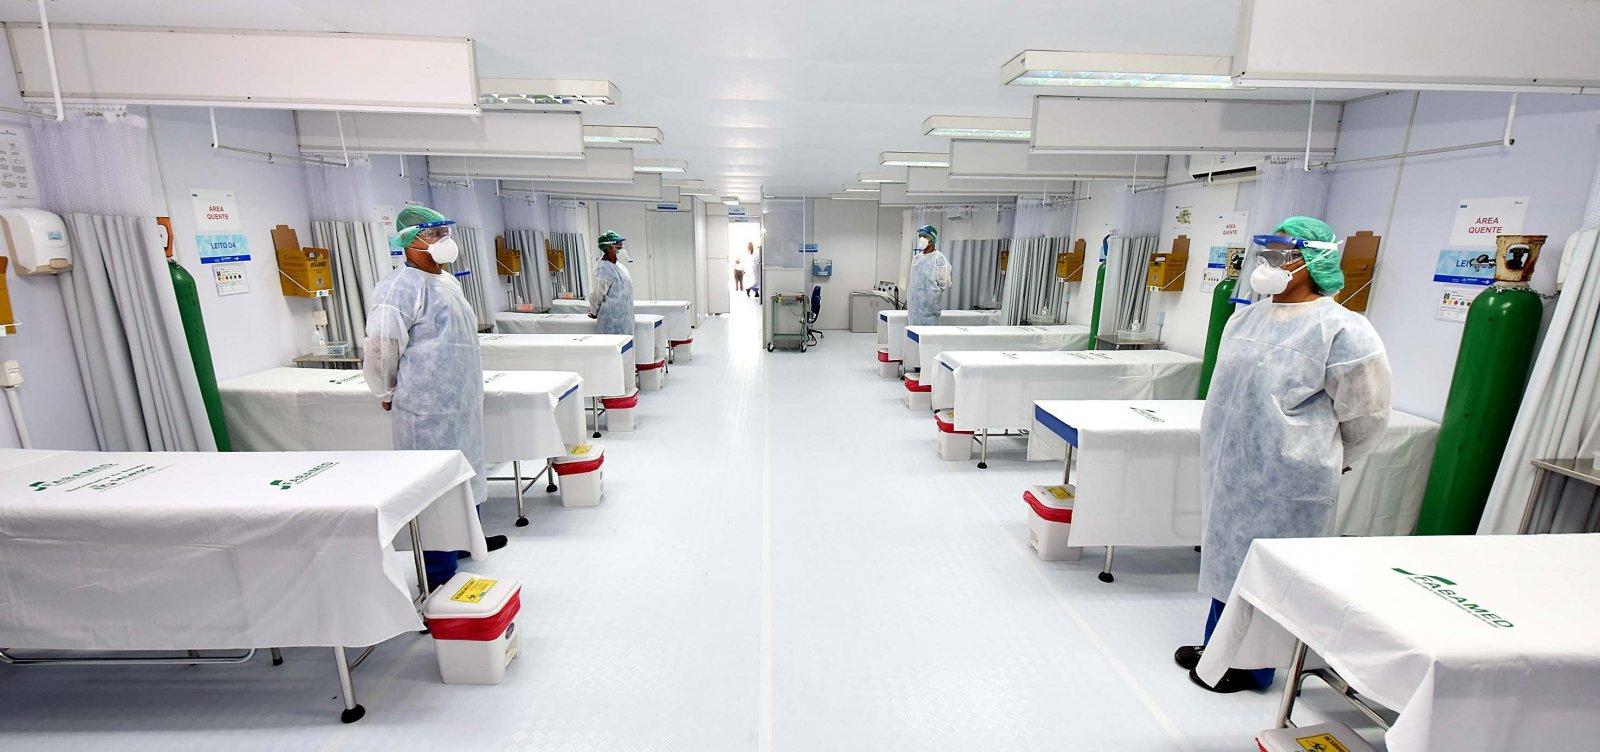 [Nove hospitais registram 100% de ocupação de leitos para Covid-19 na Bahia]